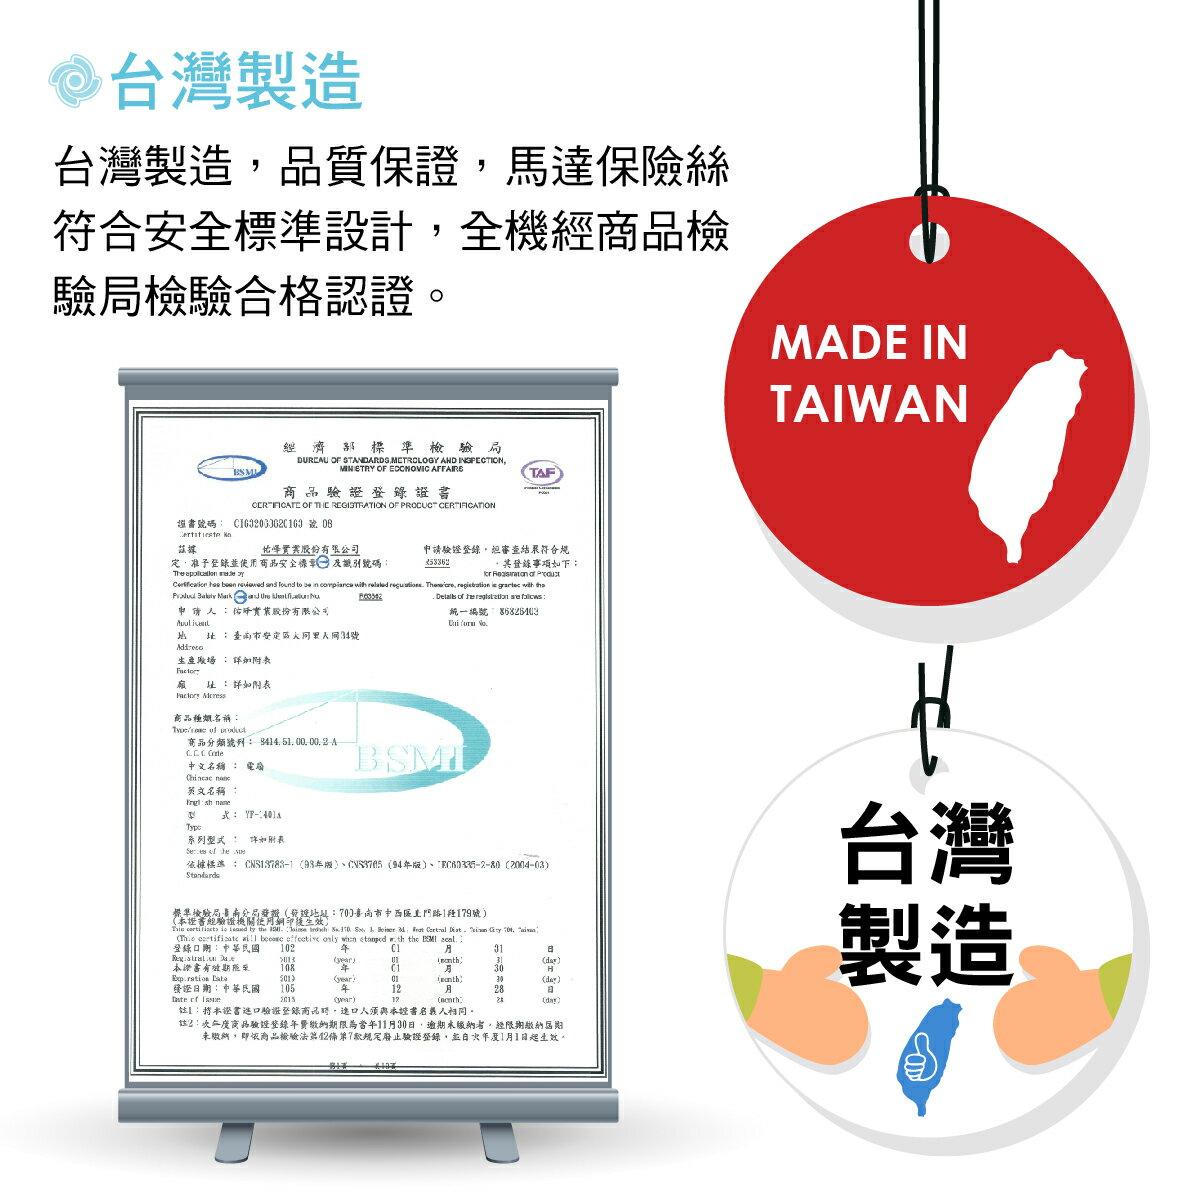 🔥現貨 / 免運🚚※免運喔🔥大家源 18吋立扇 / 電風扇 TCY-8103 6